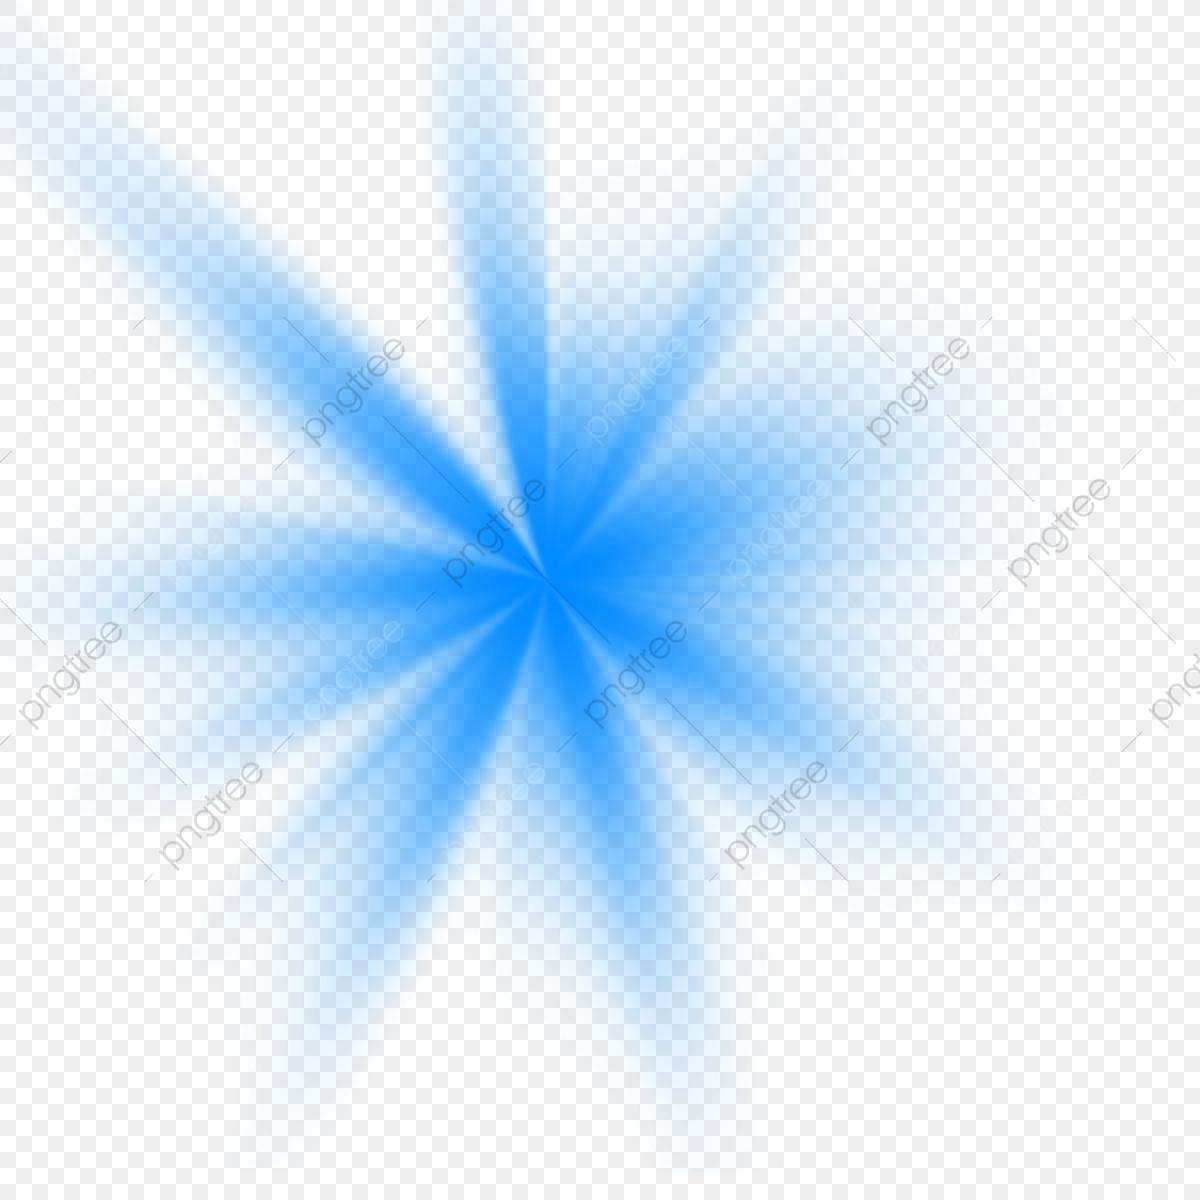 Haz De Luz Azul Efecto Photoshop Picsart, Luz Png Para Picsart, Luz.